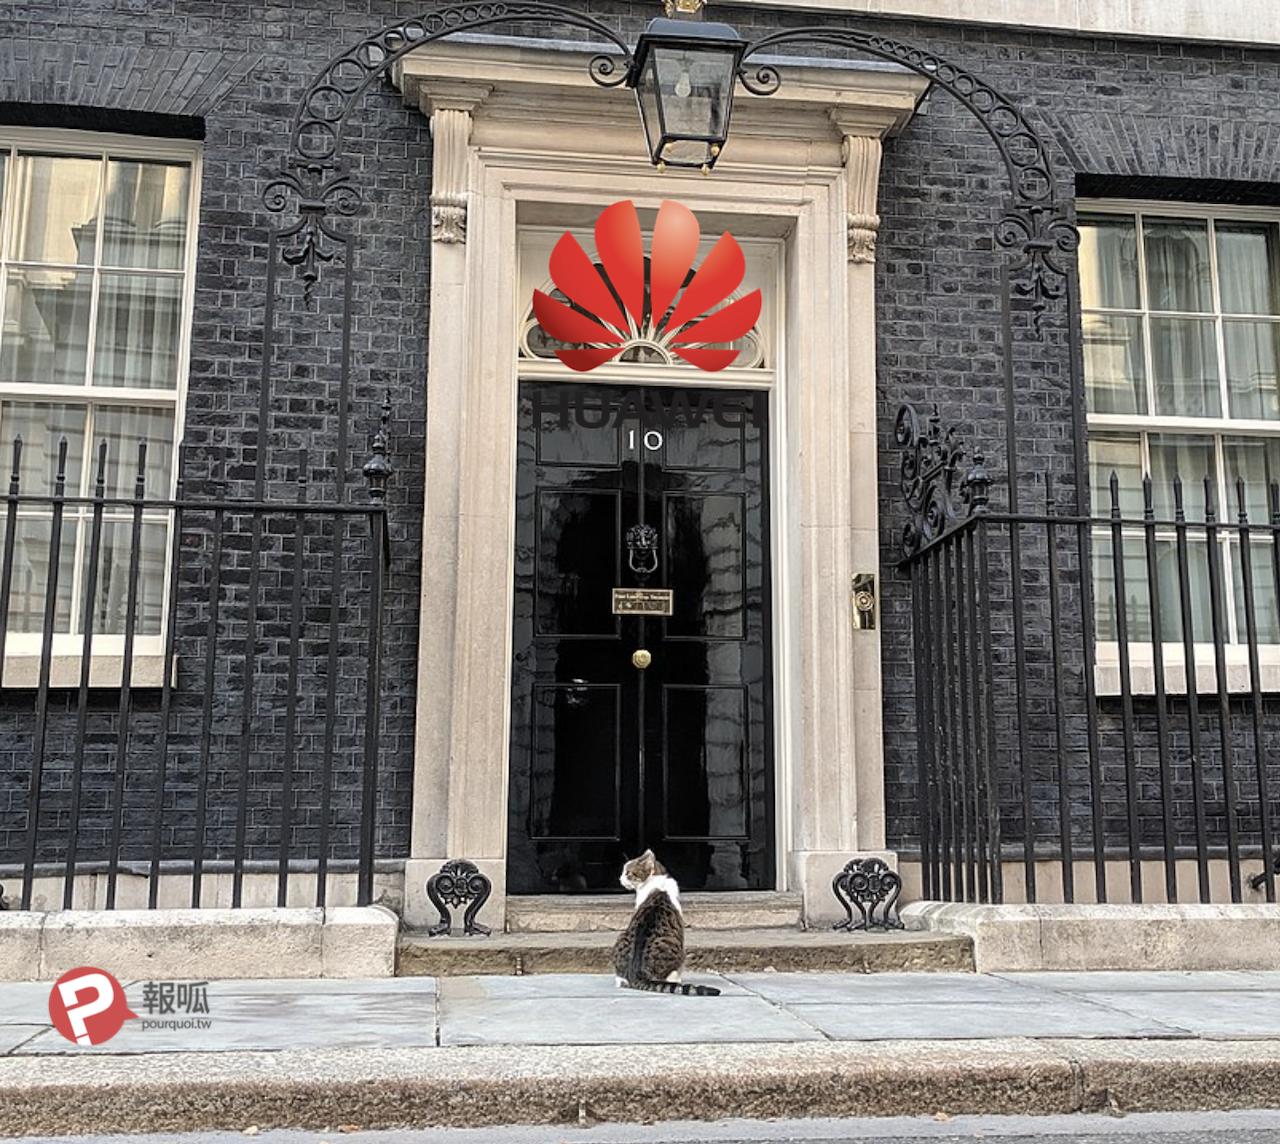 唐寧街 10 號英國首相官邸(圖/Parrot of Doom/ CC BY-SA 4.0/報呱再製)